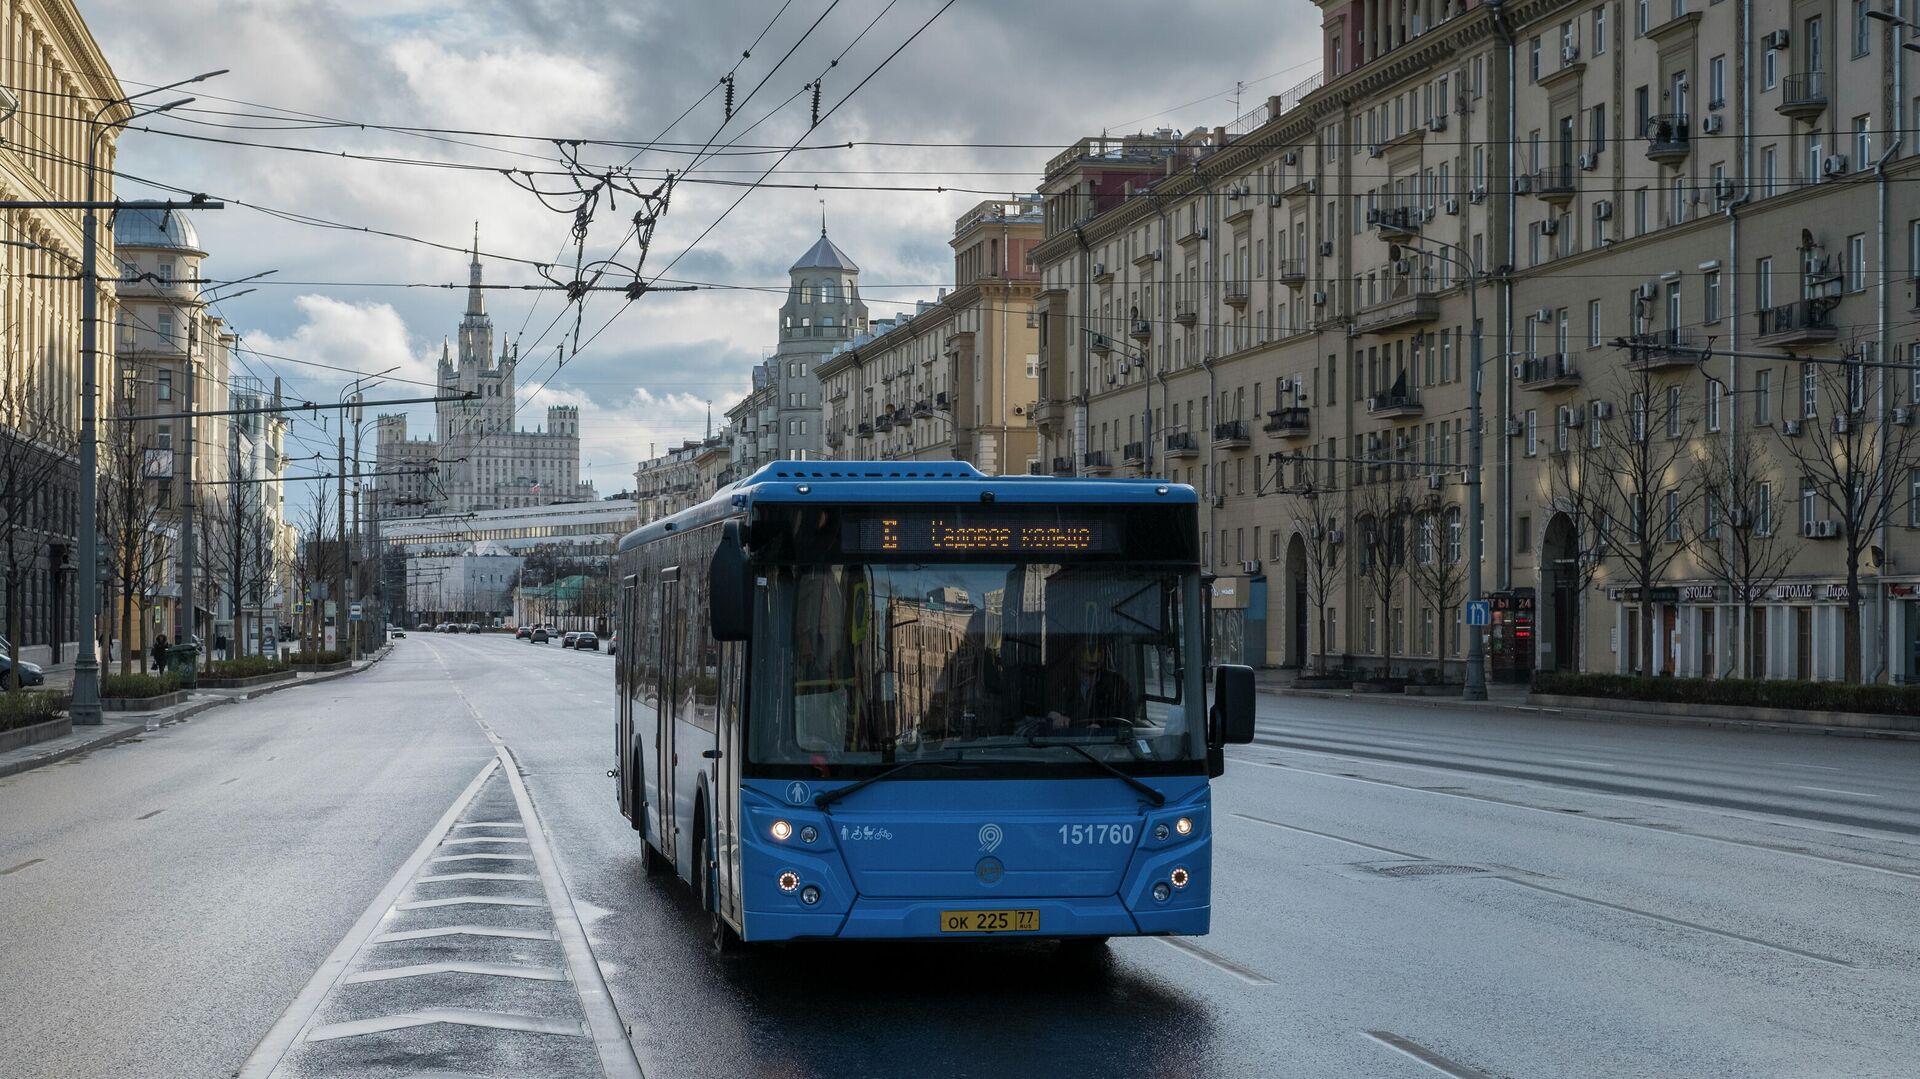 Автобус на Садовом кольце в Москве - РИА Новости, 1920, 27.07.2021